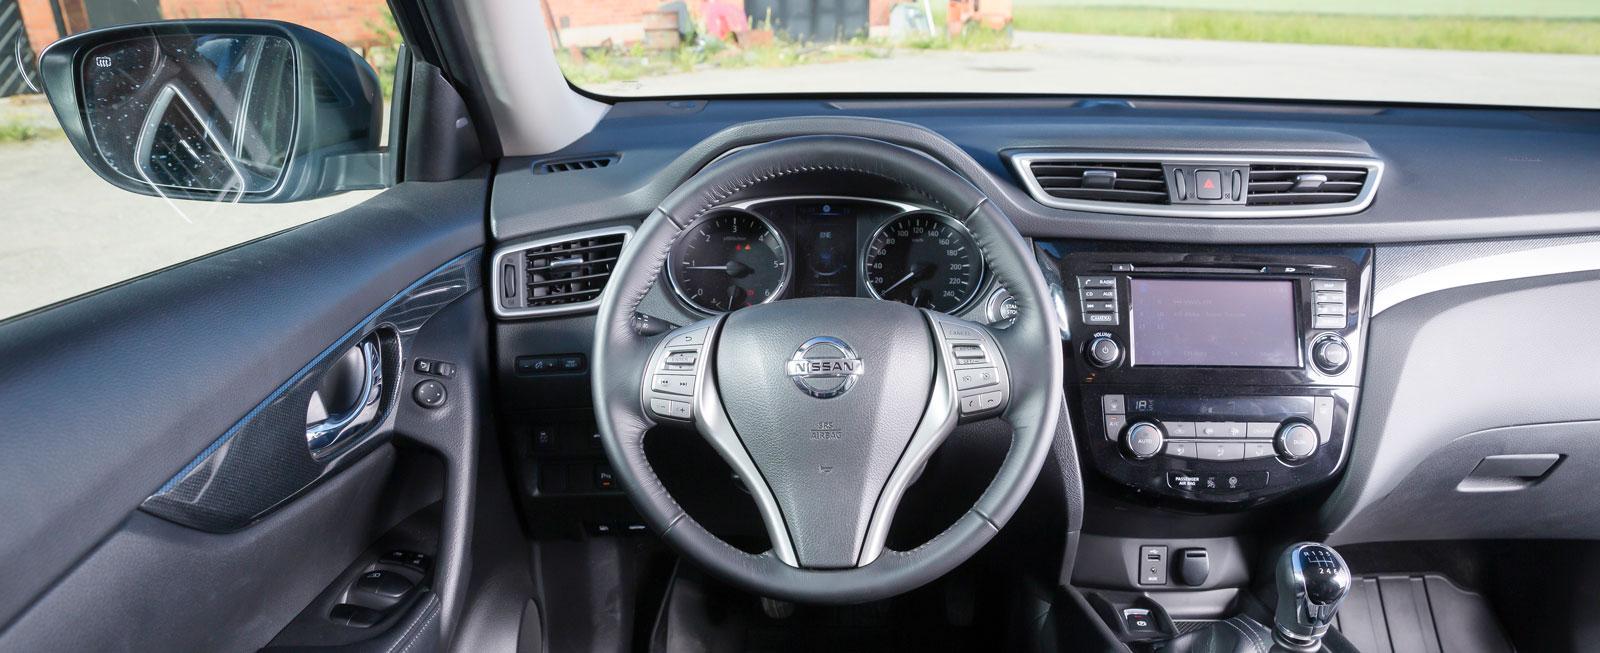 Nissan X-Trail är bitvis plastig i inredningen men bjuder på generösa utrymmen. Stolsdynan är aningen platt vilket tröttar långbenta förare.